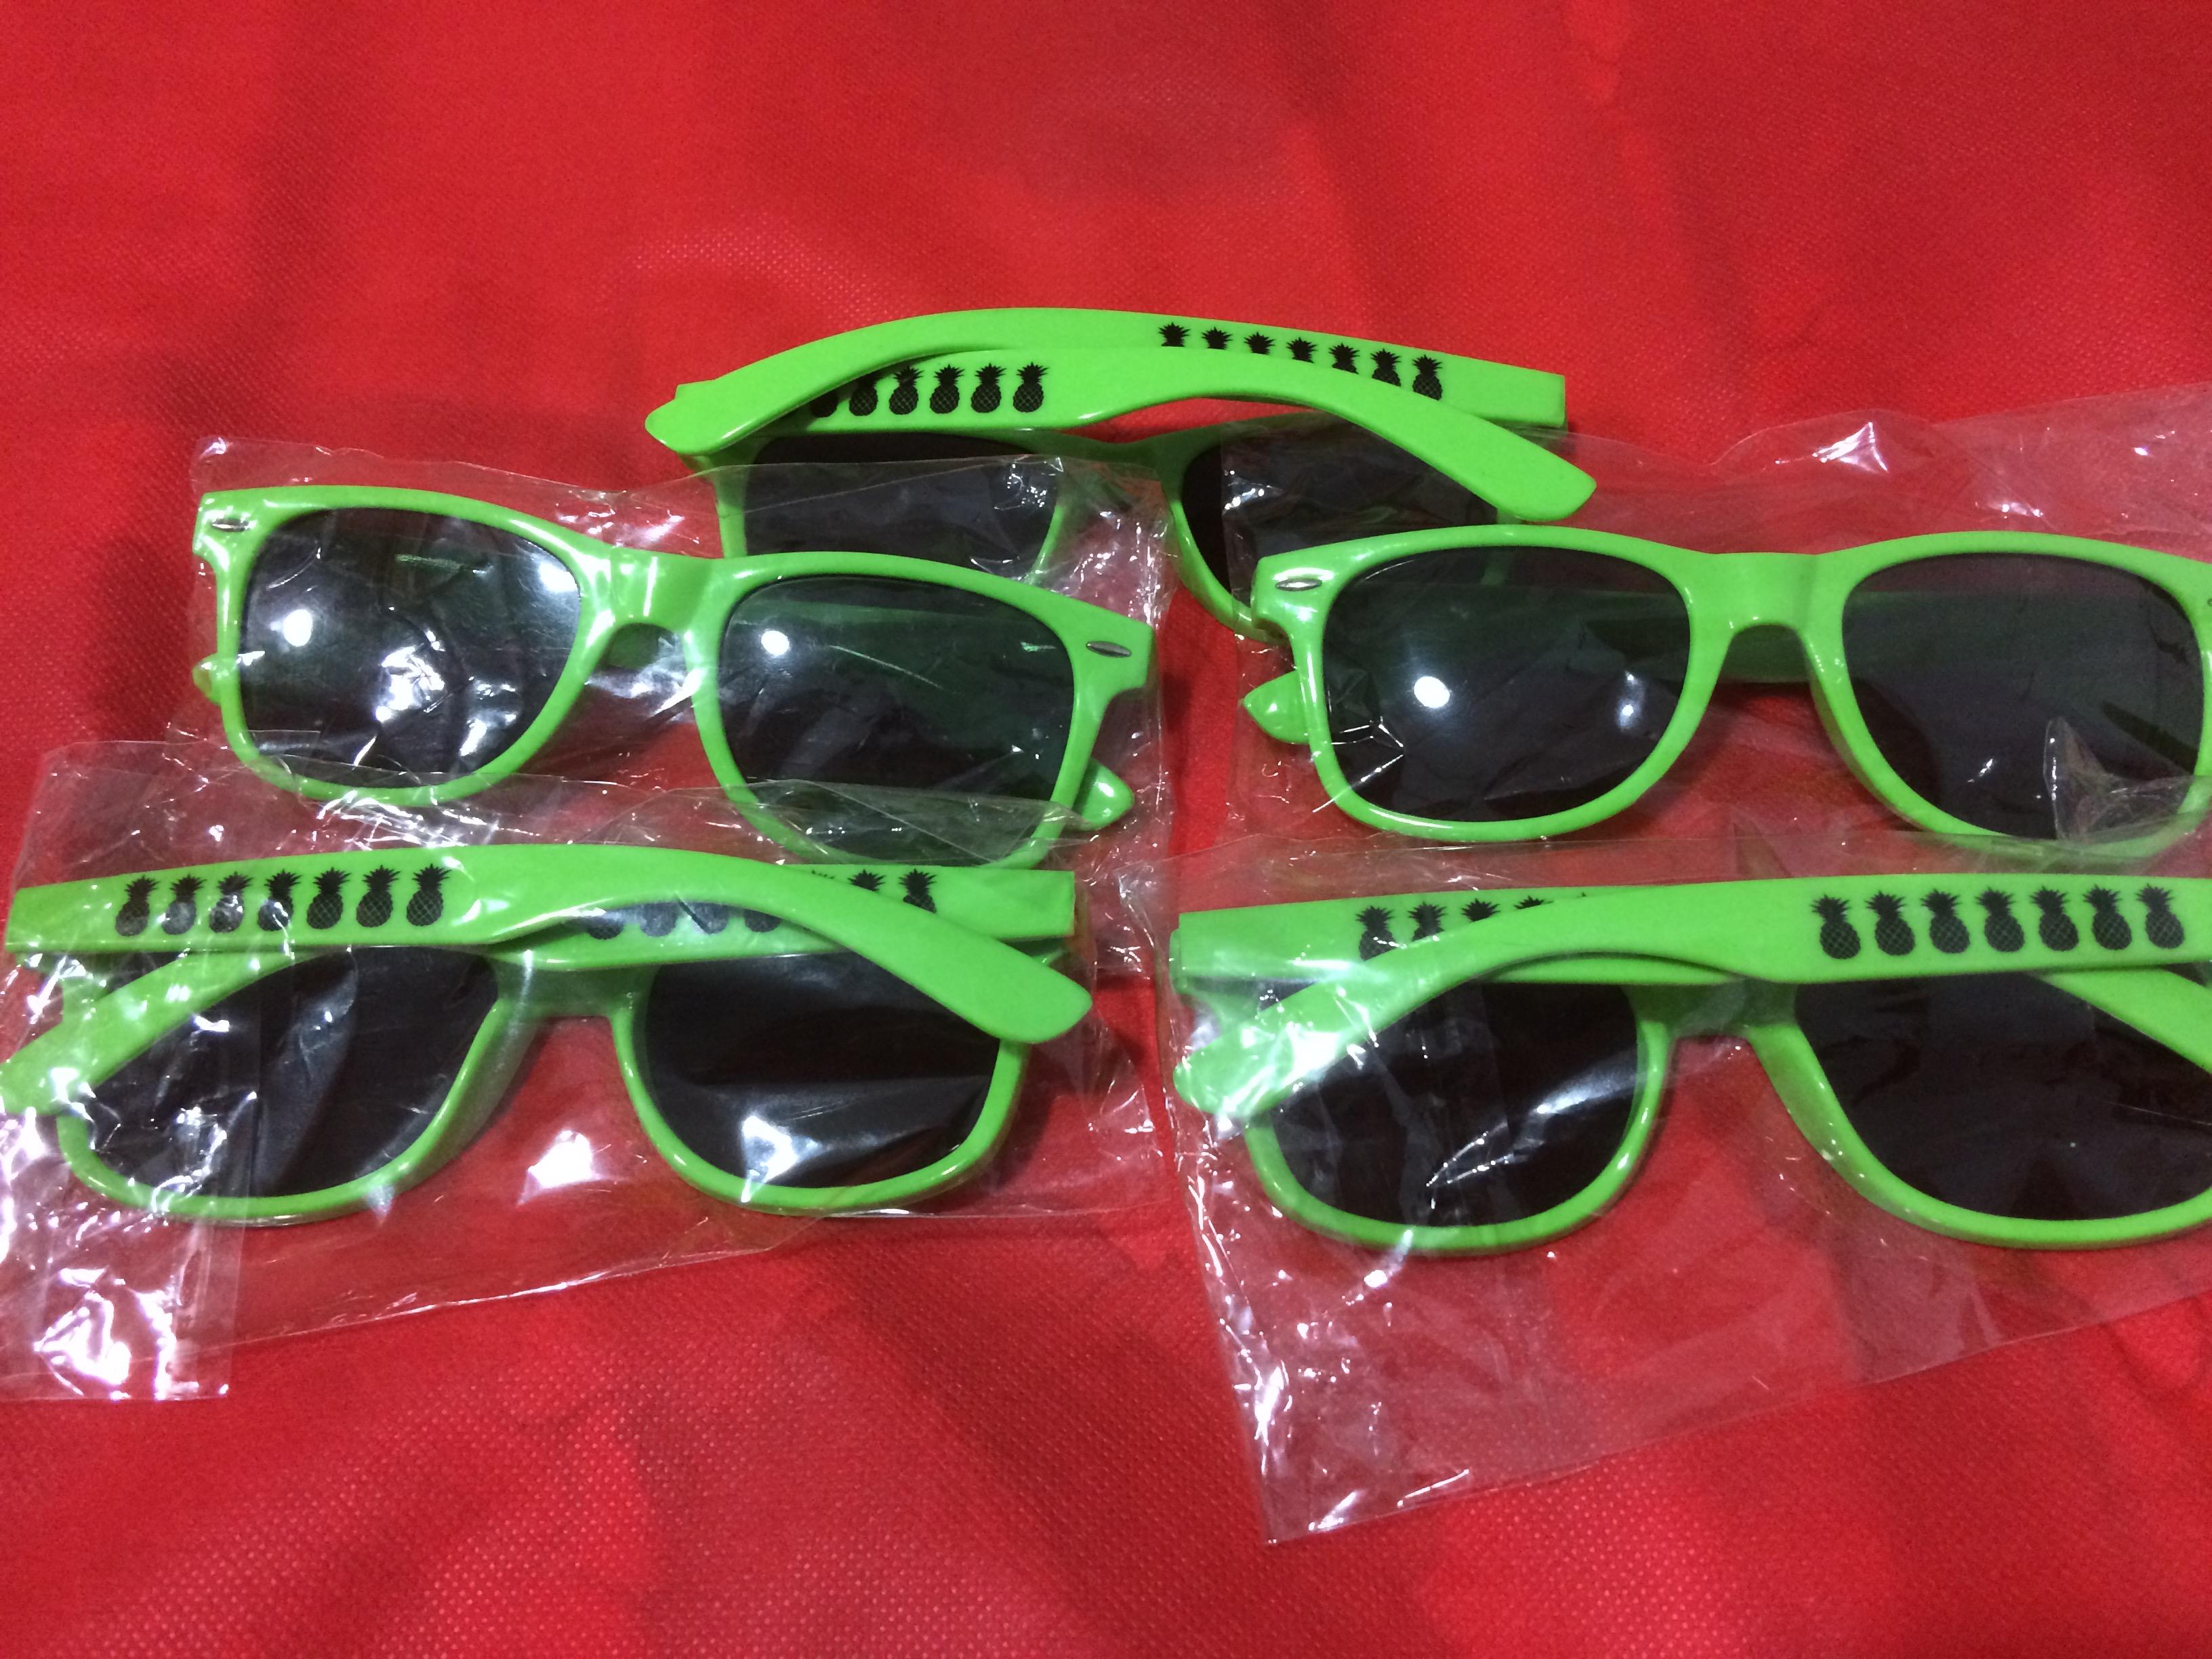 4da52290c Óculos de sol personalizados no Elo7